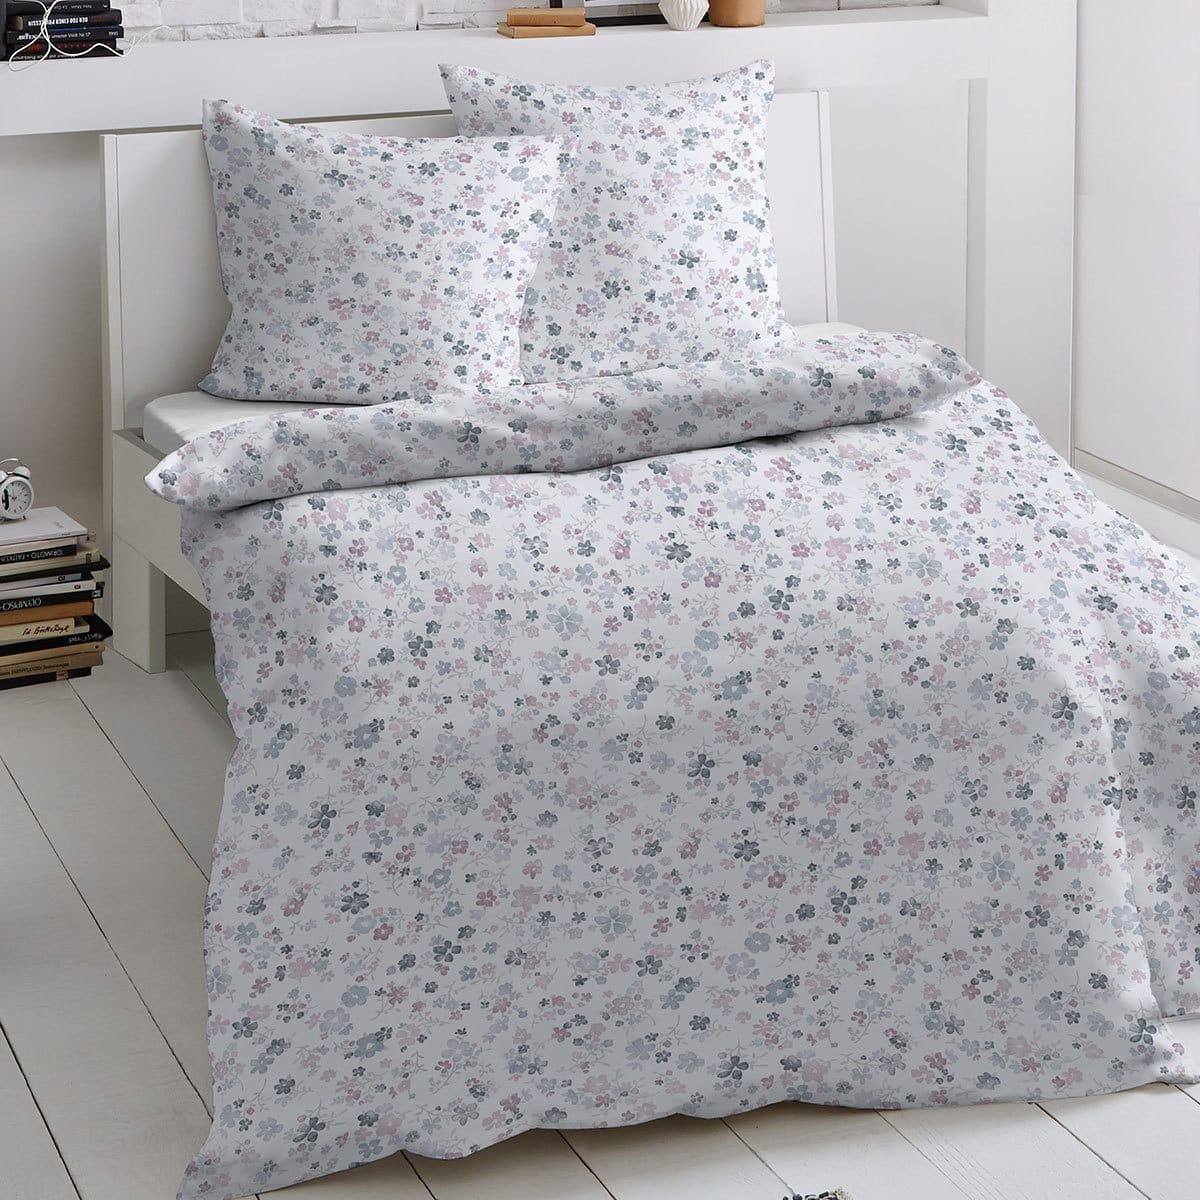 Traumschlaf Biber Bettwäsche Blumen